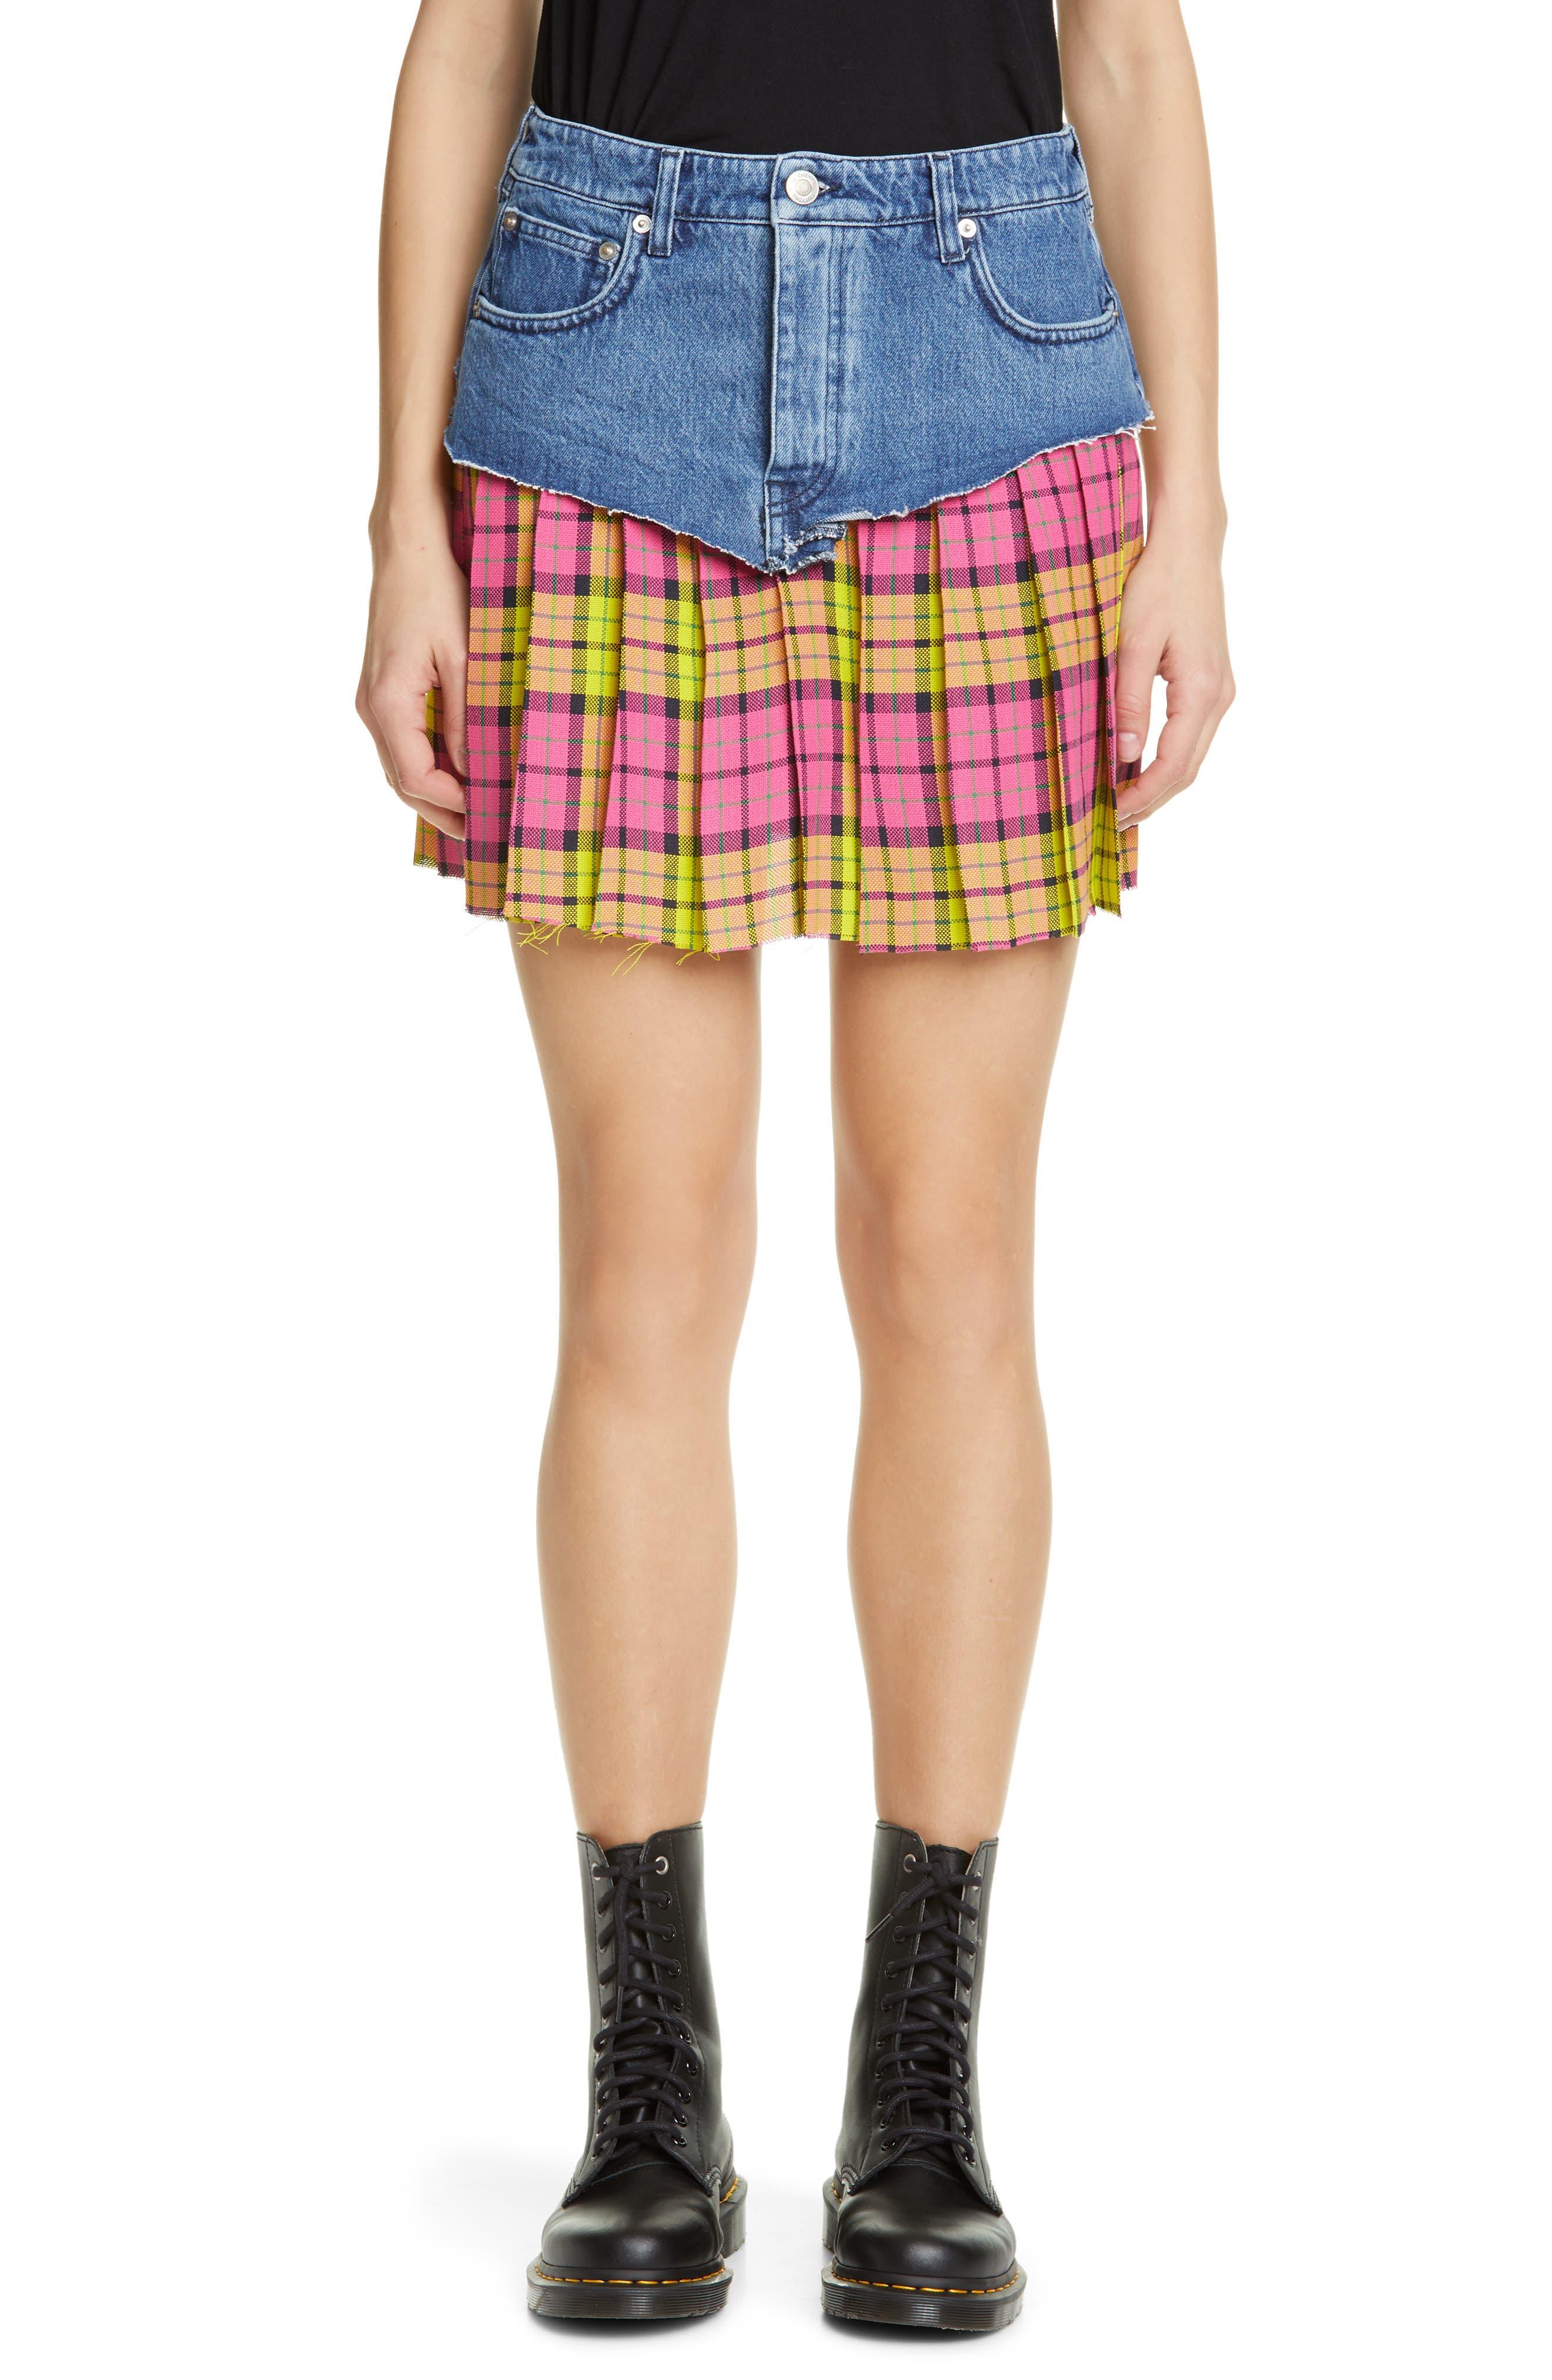 VETEMENTS Schoolgirl Skirt, Main, color, BLUE